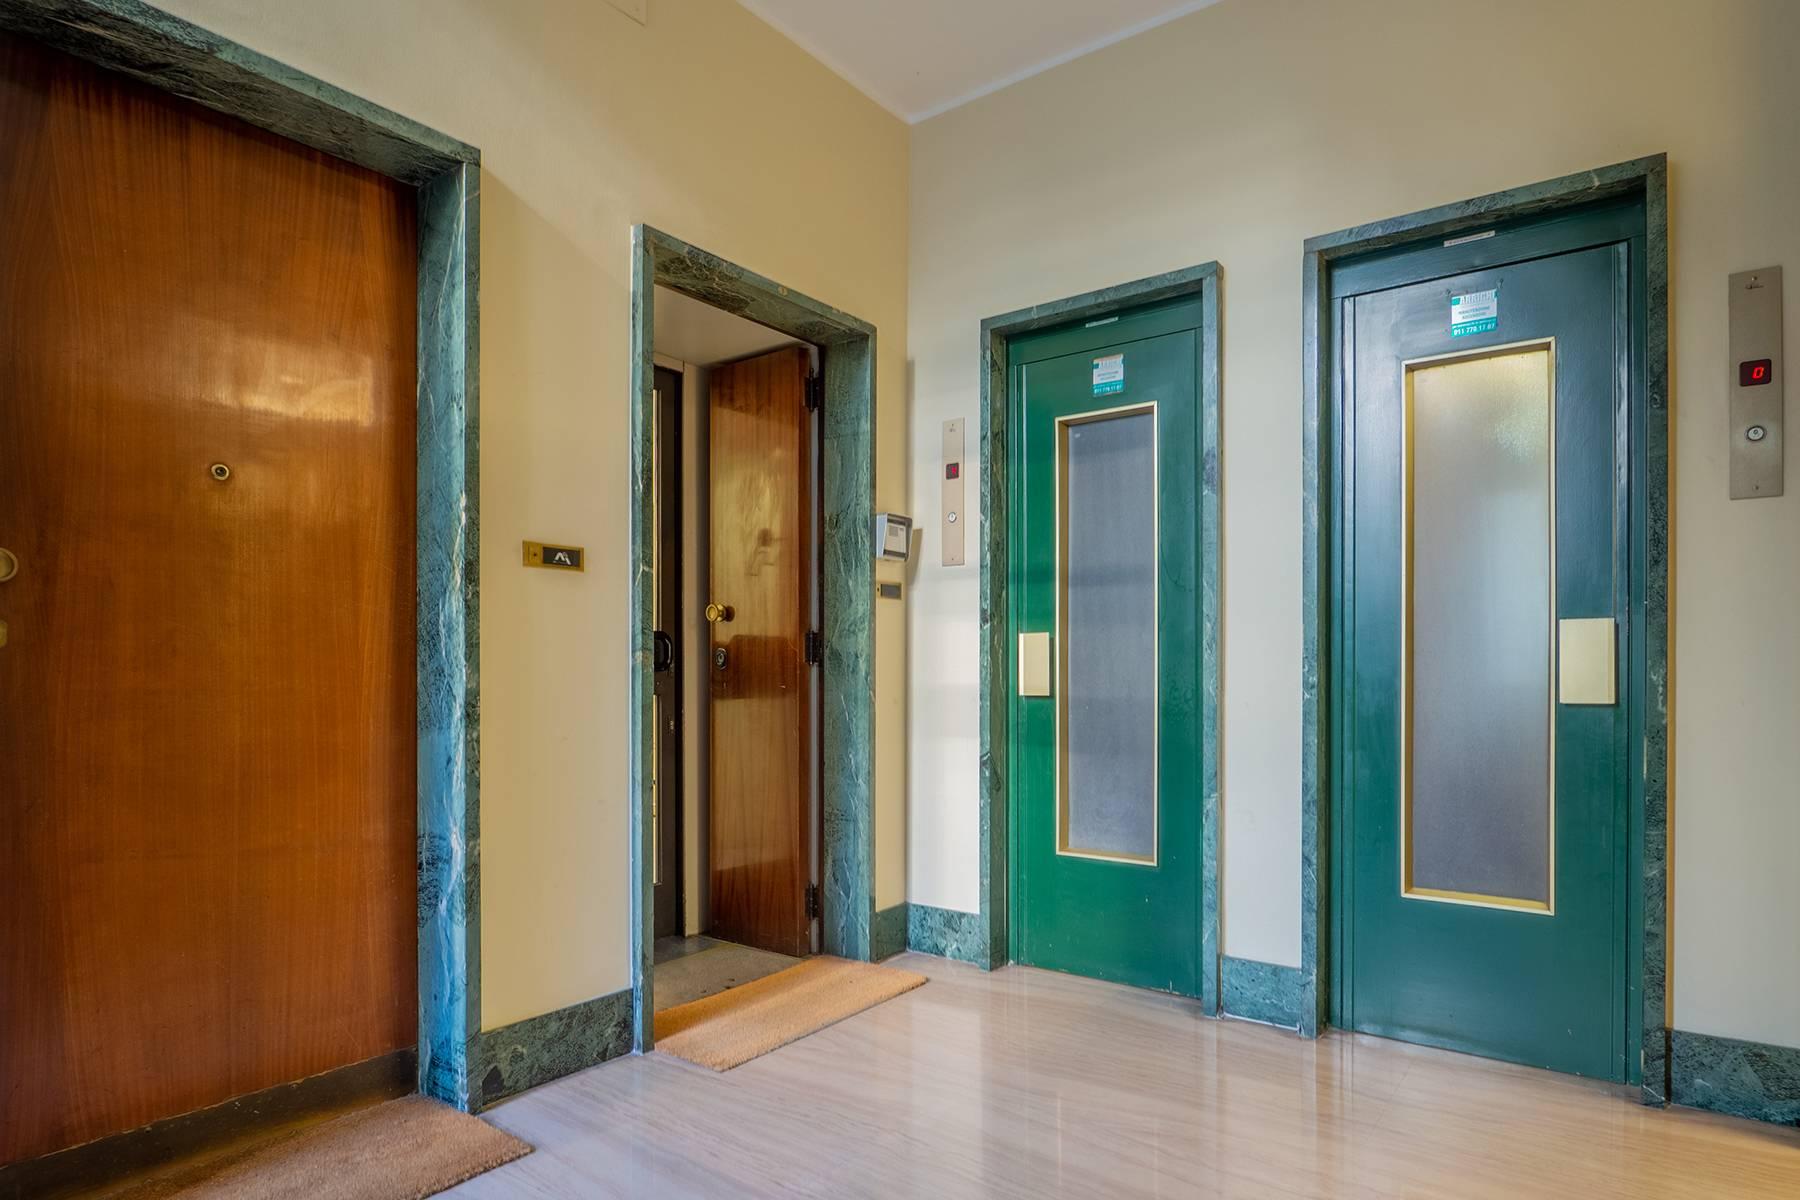 Ufficio-studio in Vendita a Torino: 4 locali, 224 mq - Foto 21